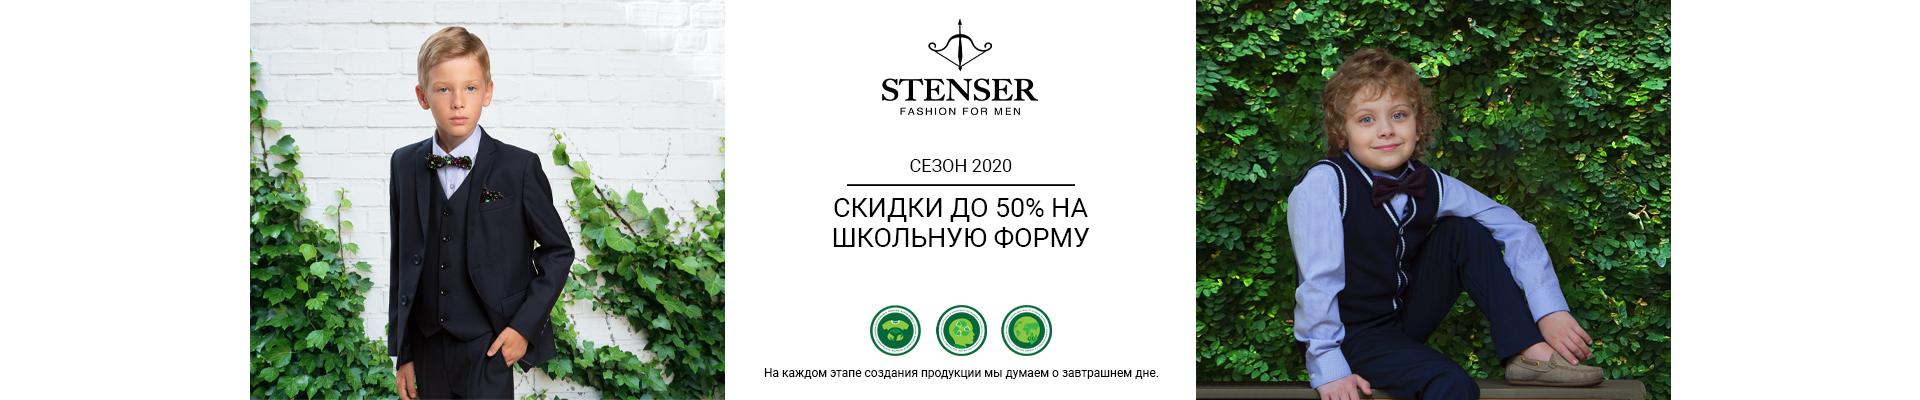 STENSER